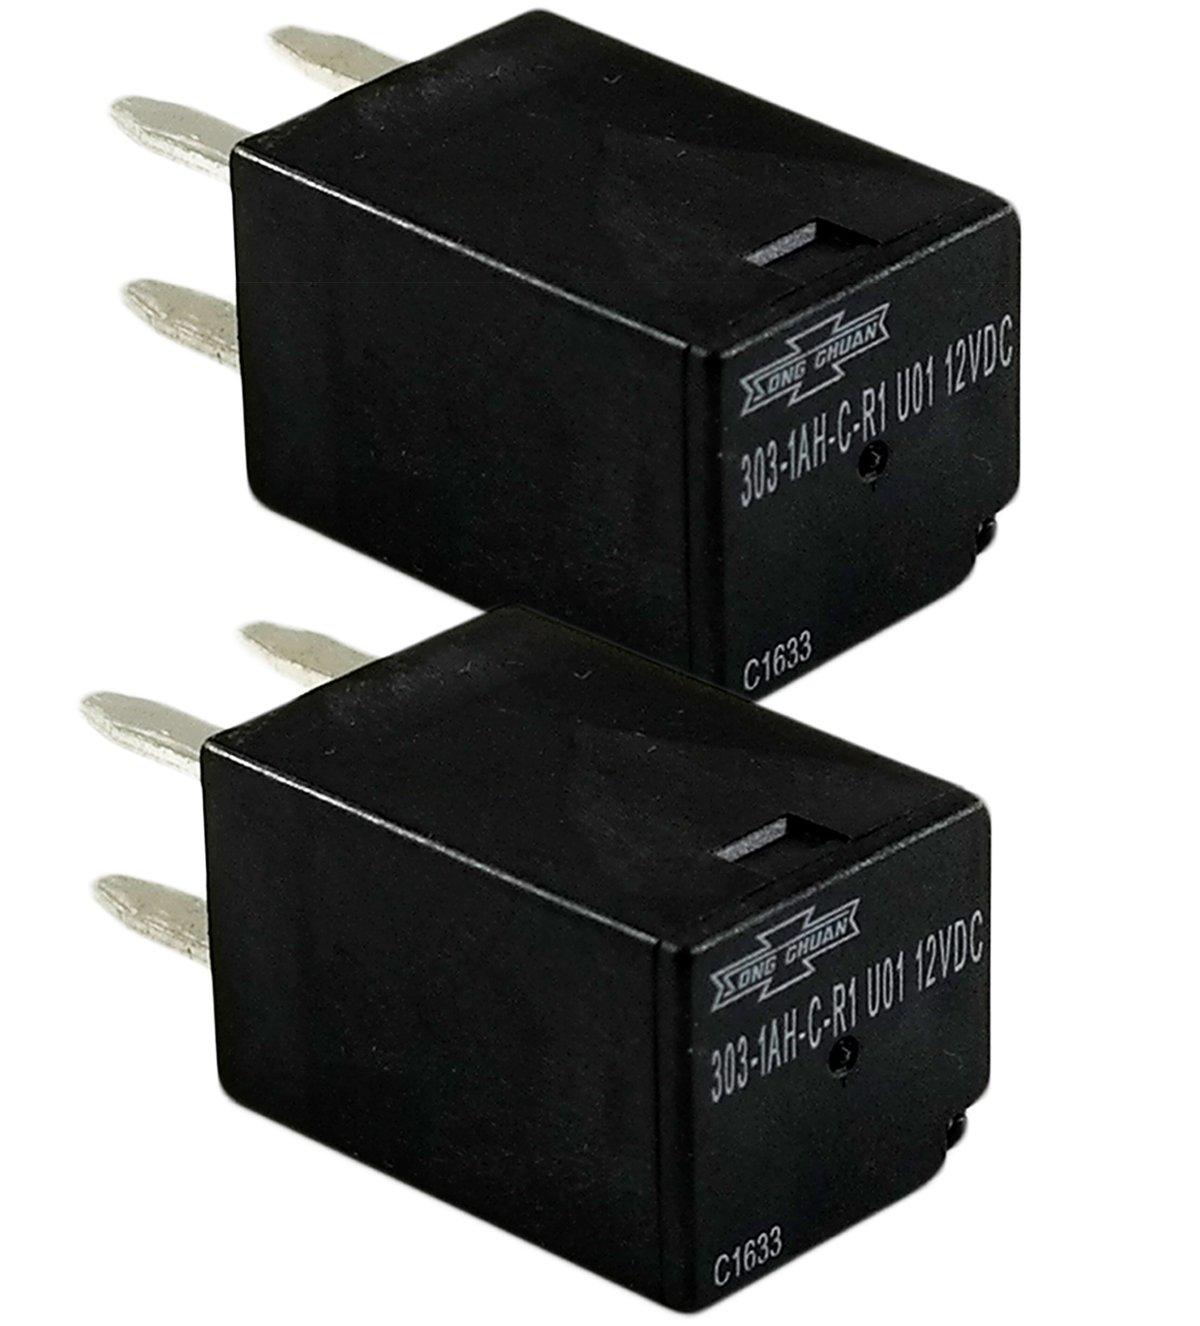 8 piece General Purpose Relays 303-1AH-C-R1-U01-12VDC SPNO 20A 12VDC